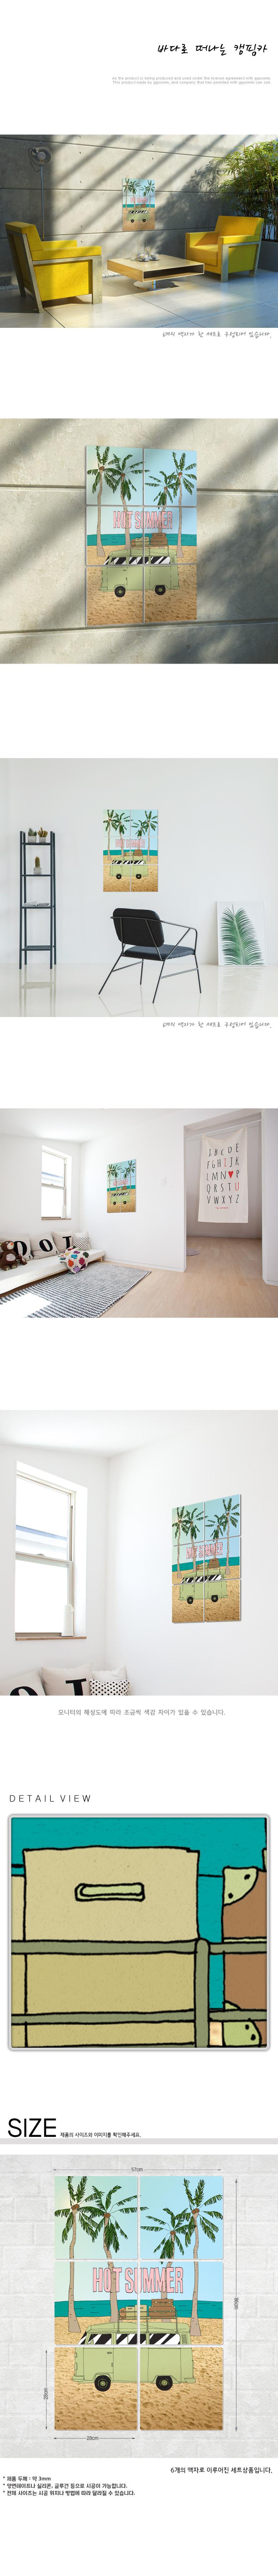 멀티액자_바다로떠나는캠핑카 - 꾸밈, 48,000원, 홈갤러리, 사진아트